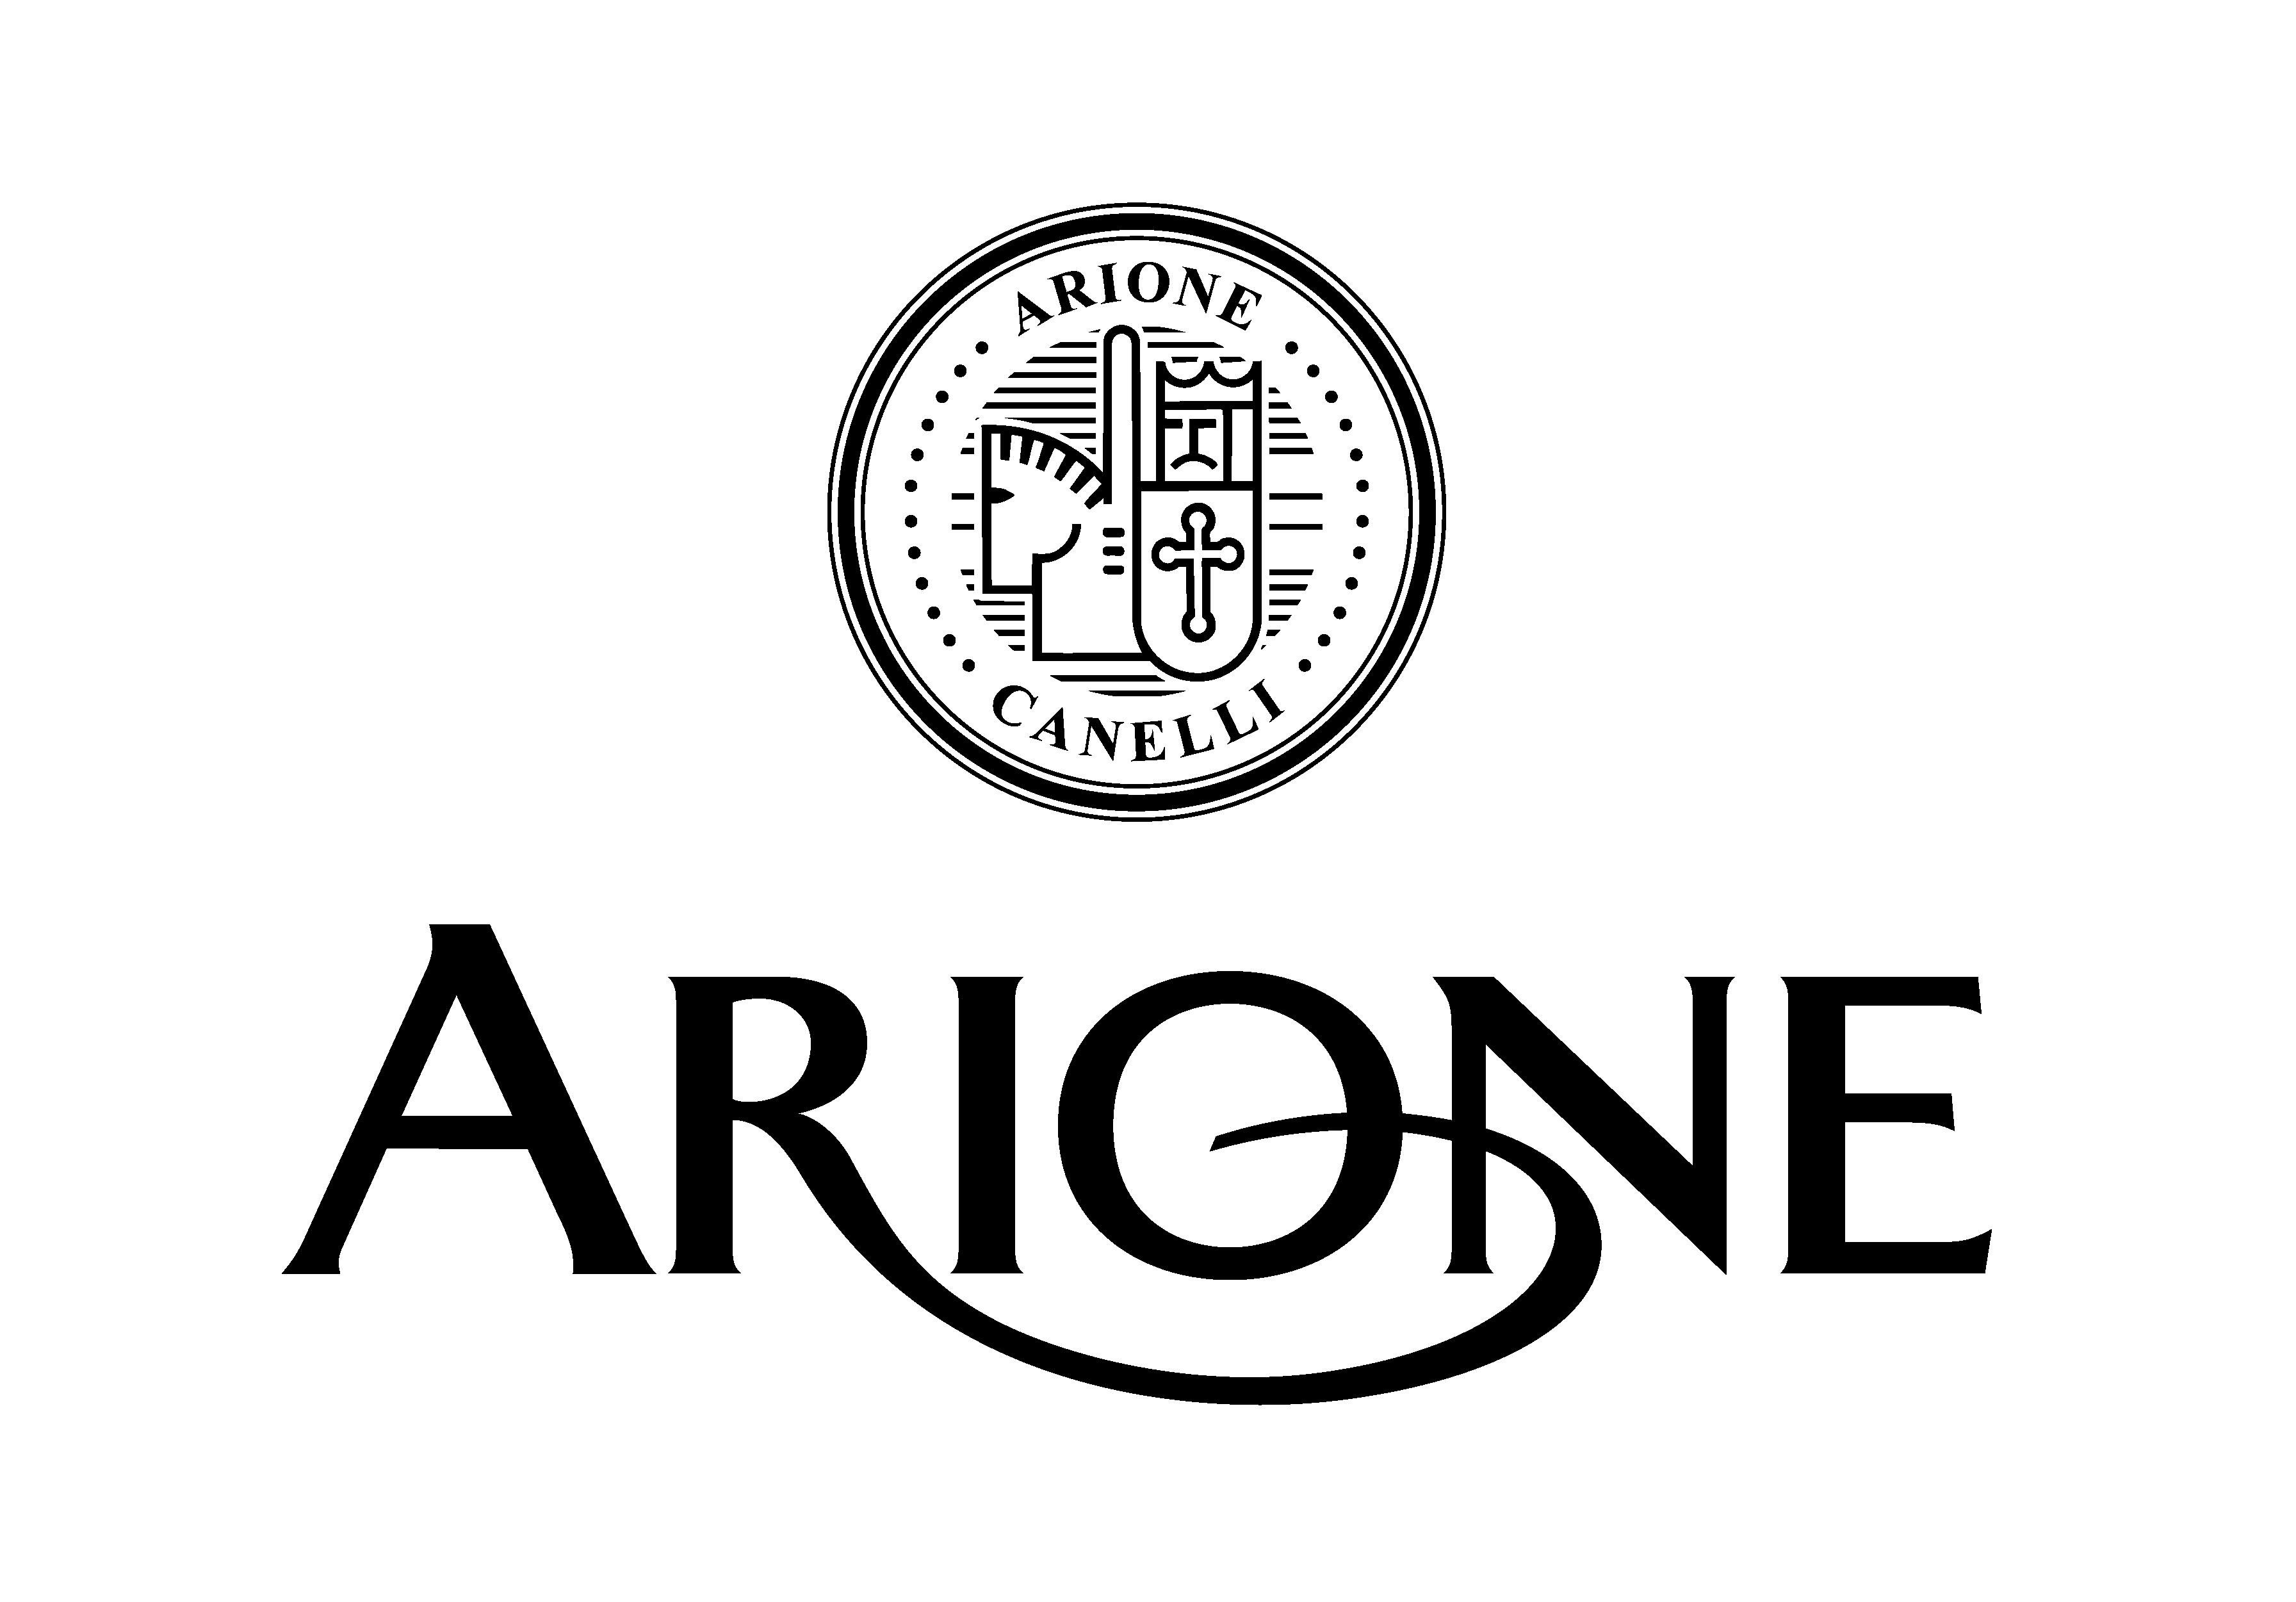 Arione - logo